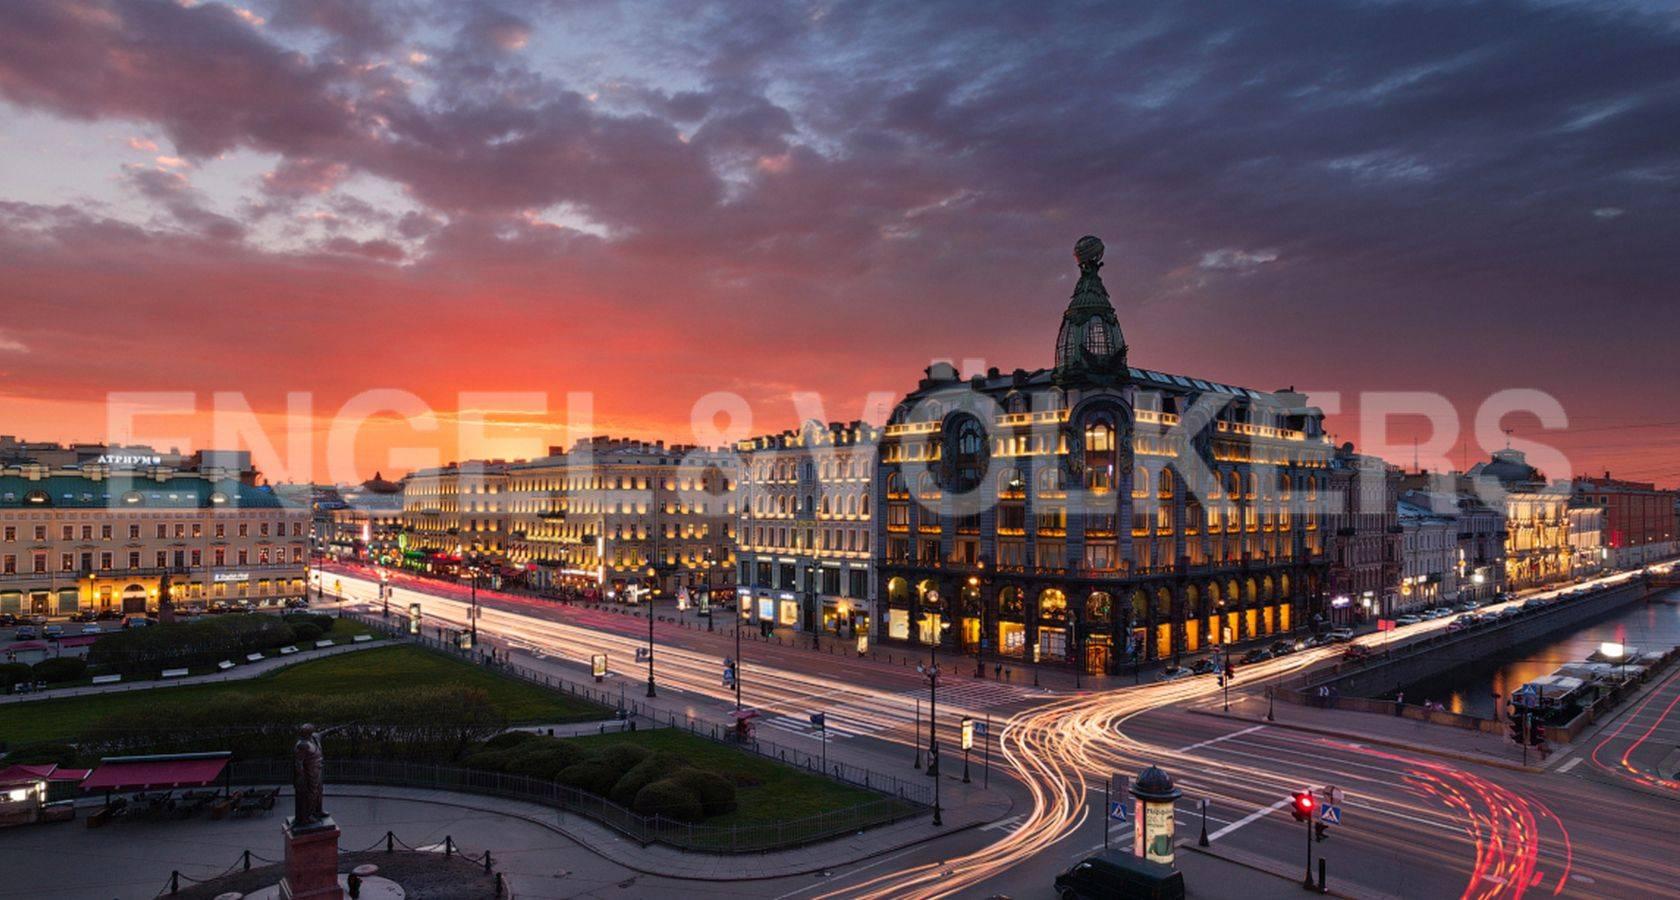 Элитные квартиры в Центральный р-н. Санкт-Петербург, Большая Морская, 4. Невский проспект